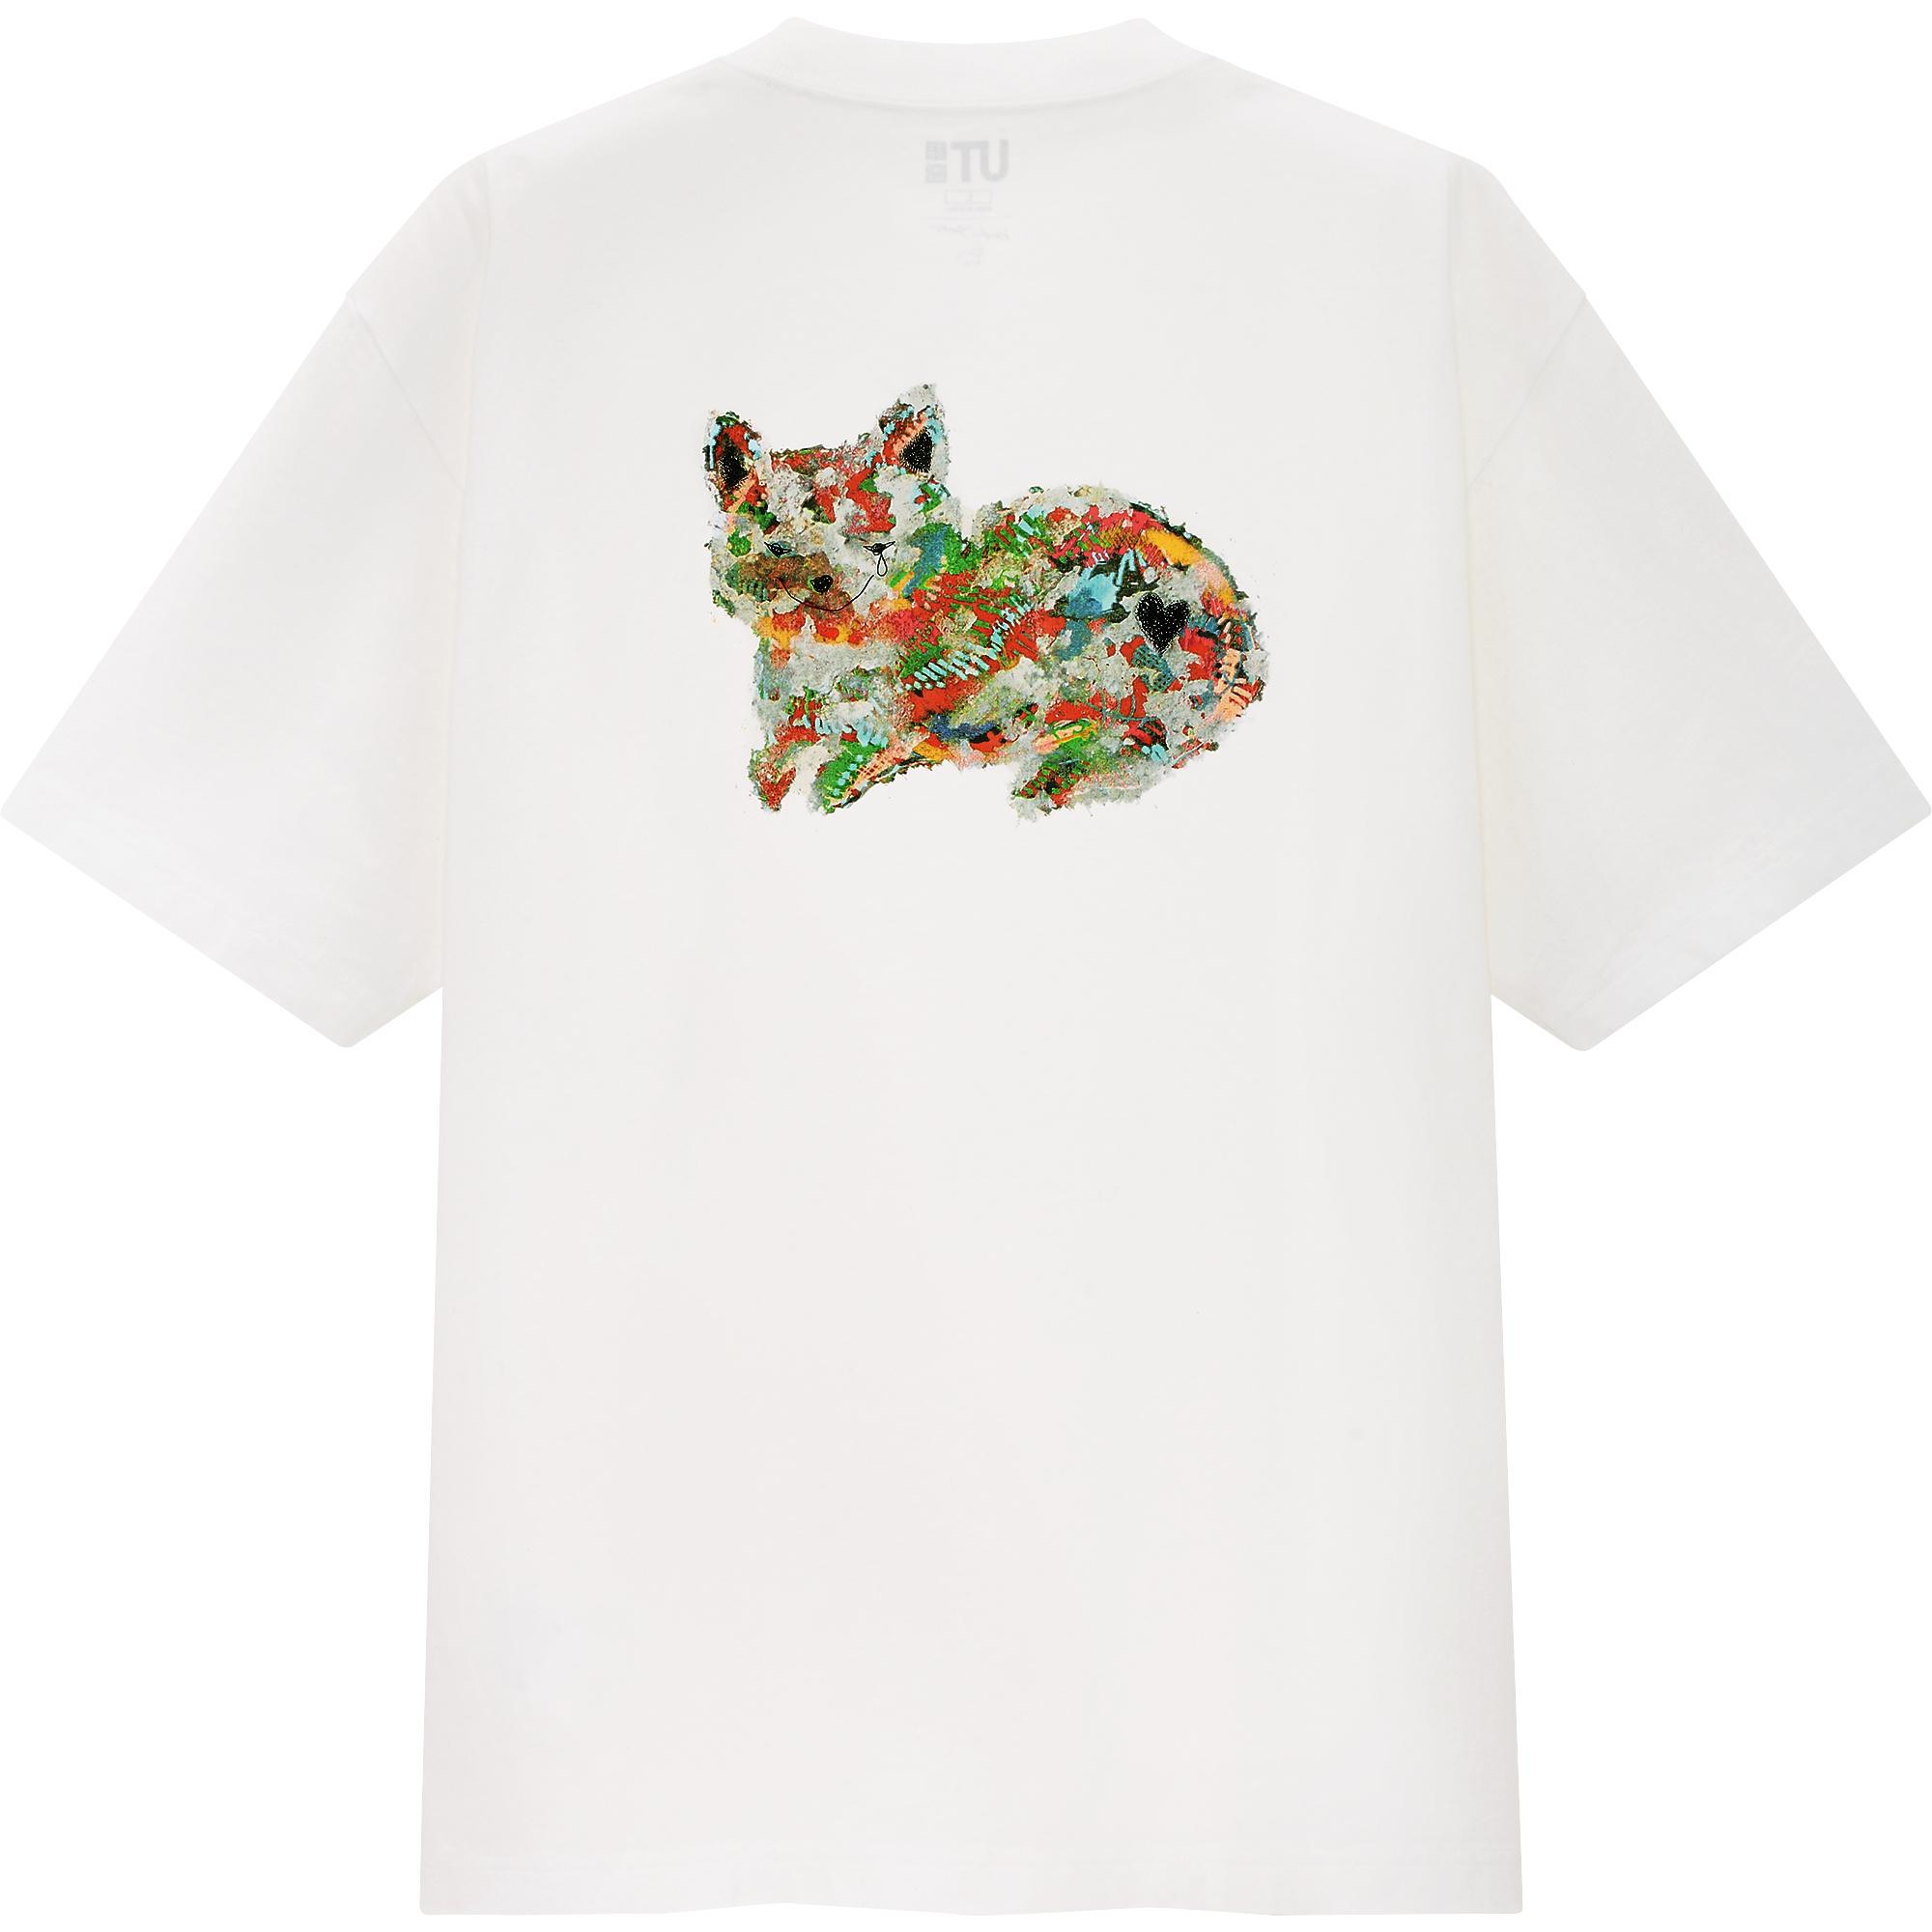 米津玄師×UT_TシャツE2